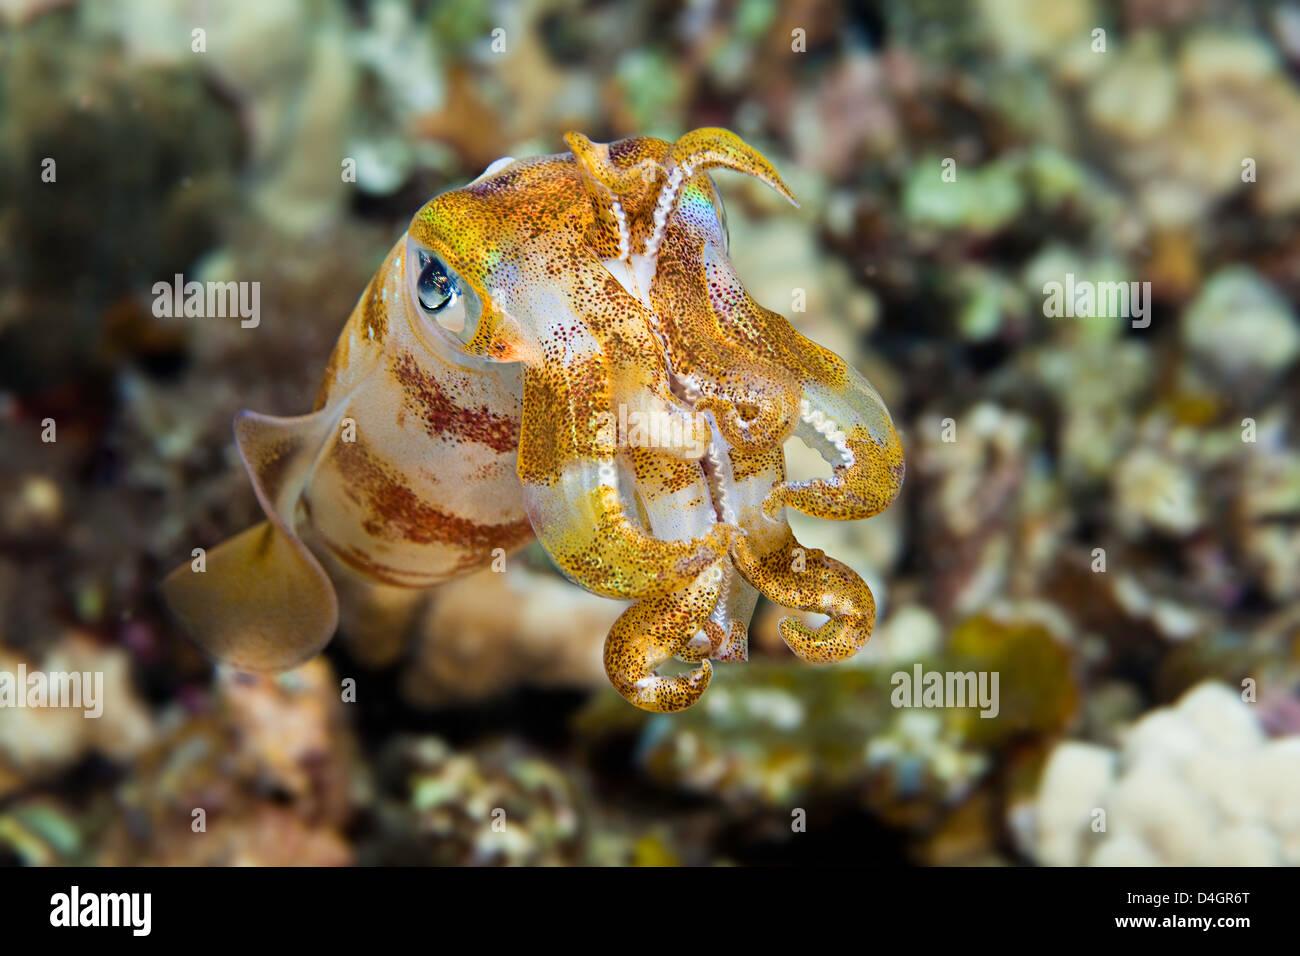 Die männlichen Oval Tintenfisch, Sepioteuthis Lessoniana, können 14 Zoll in der Länge erreichen. Stockbild